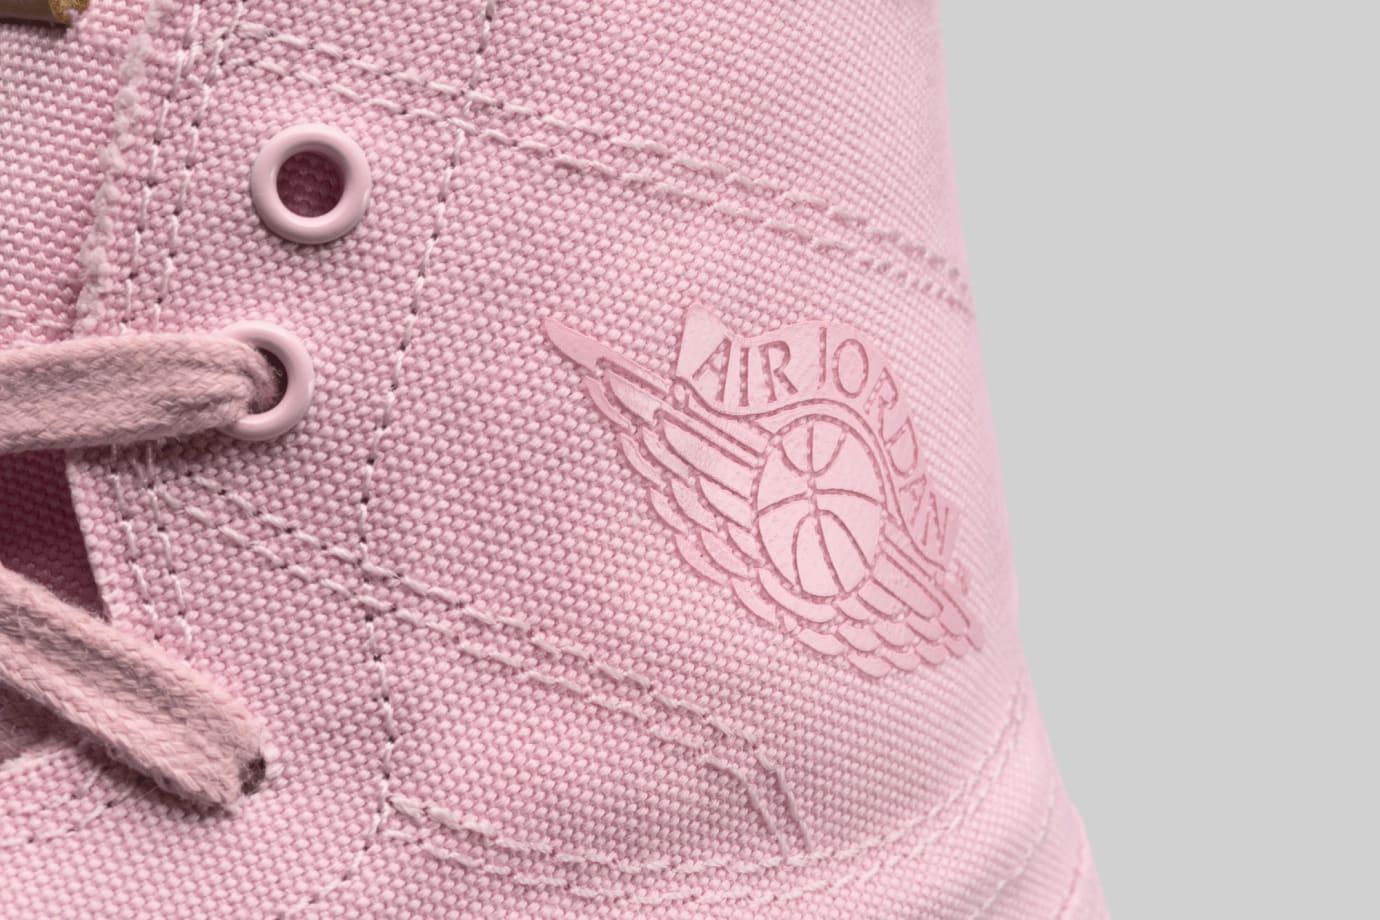 Air Jordan 1 867338-620 Detail